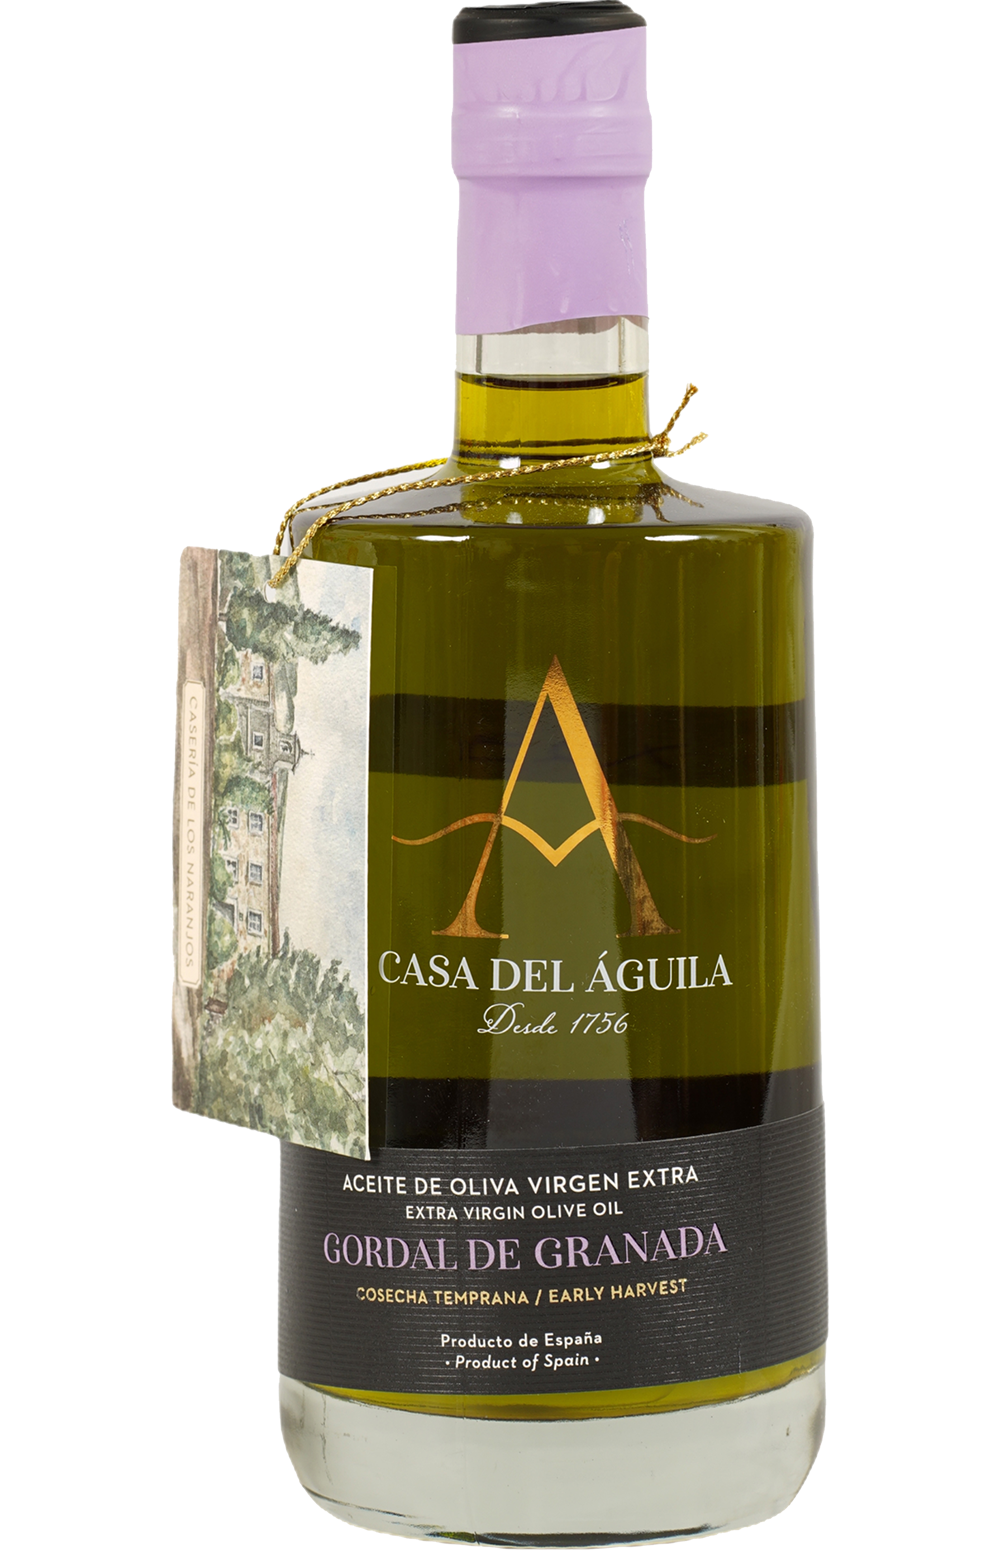 Casa Del Aguila Aceite Gordal de Granada